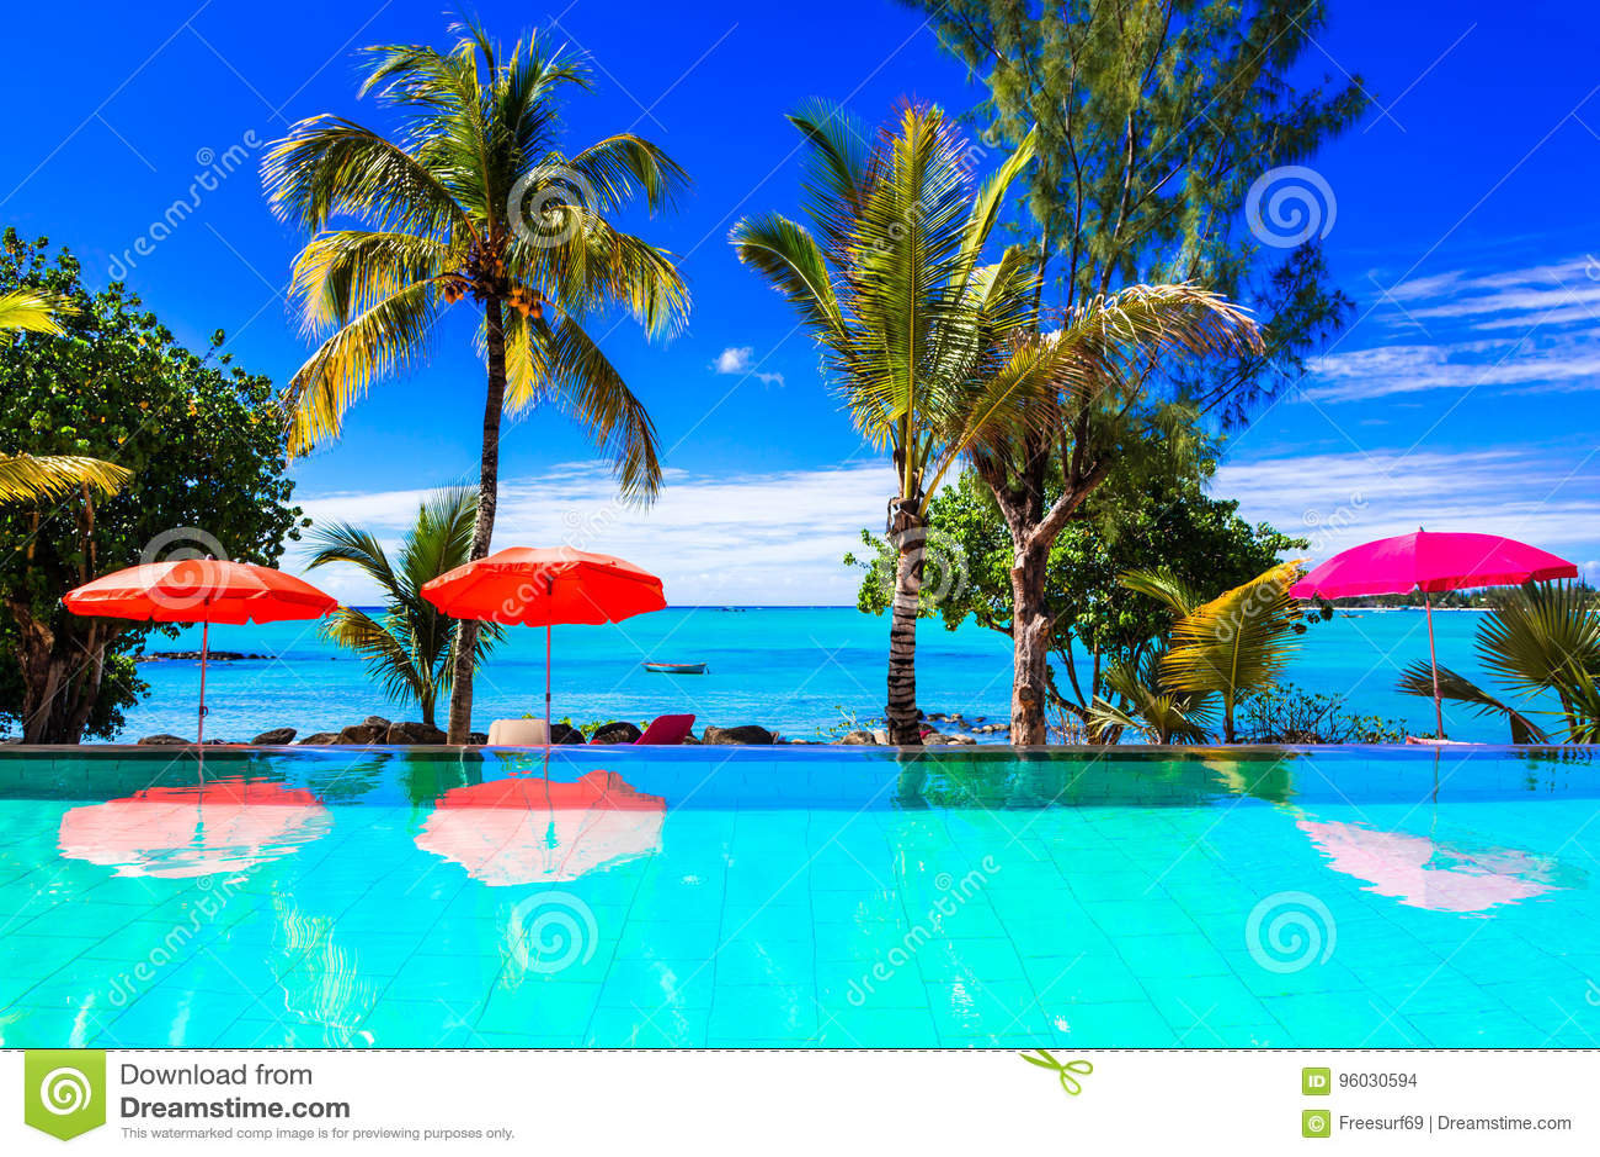 Tropische Ferien - Türkisschwimmenpool mit Seeansicht mauritius